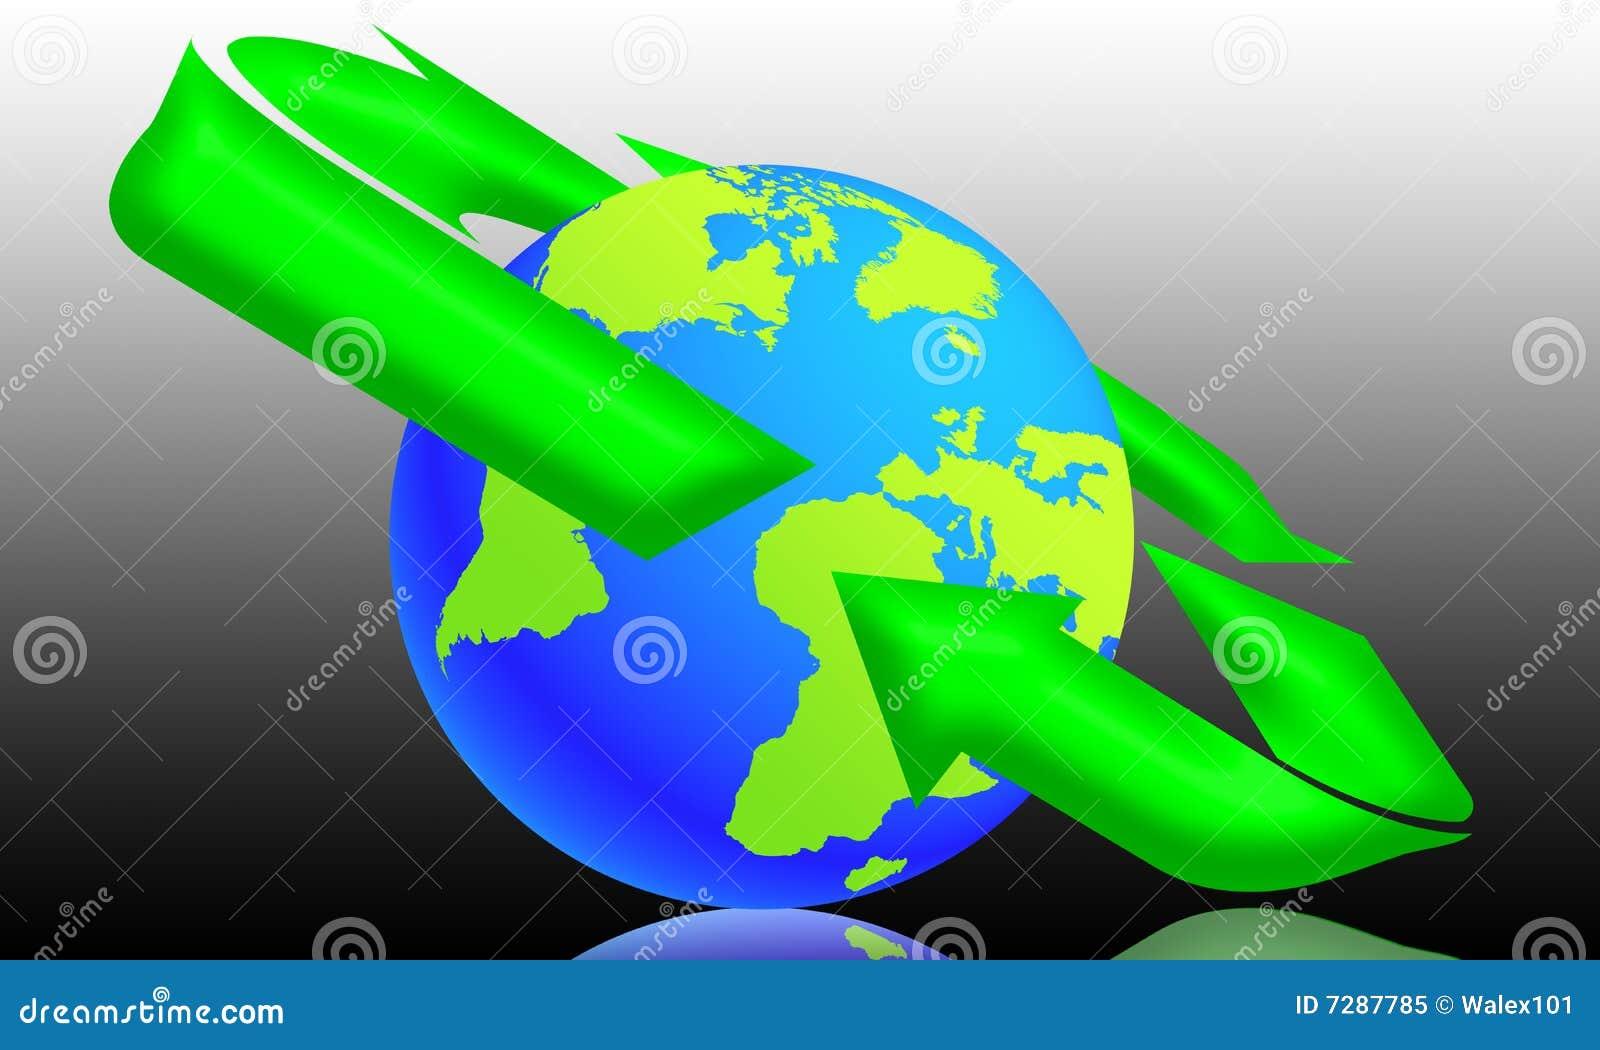 Ecología en el mundo (04)